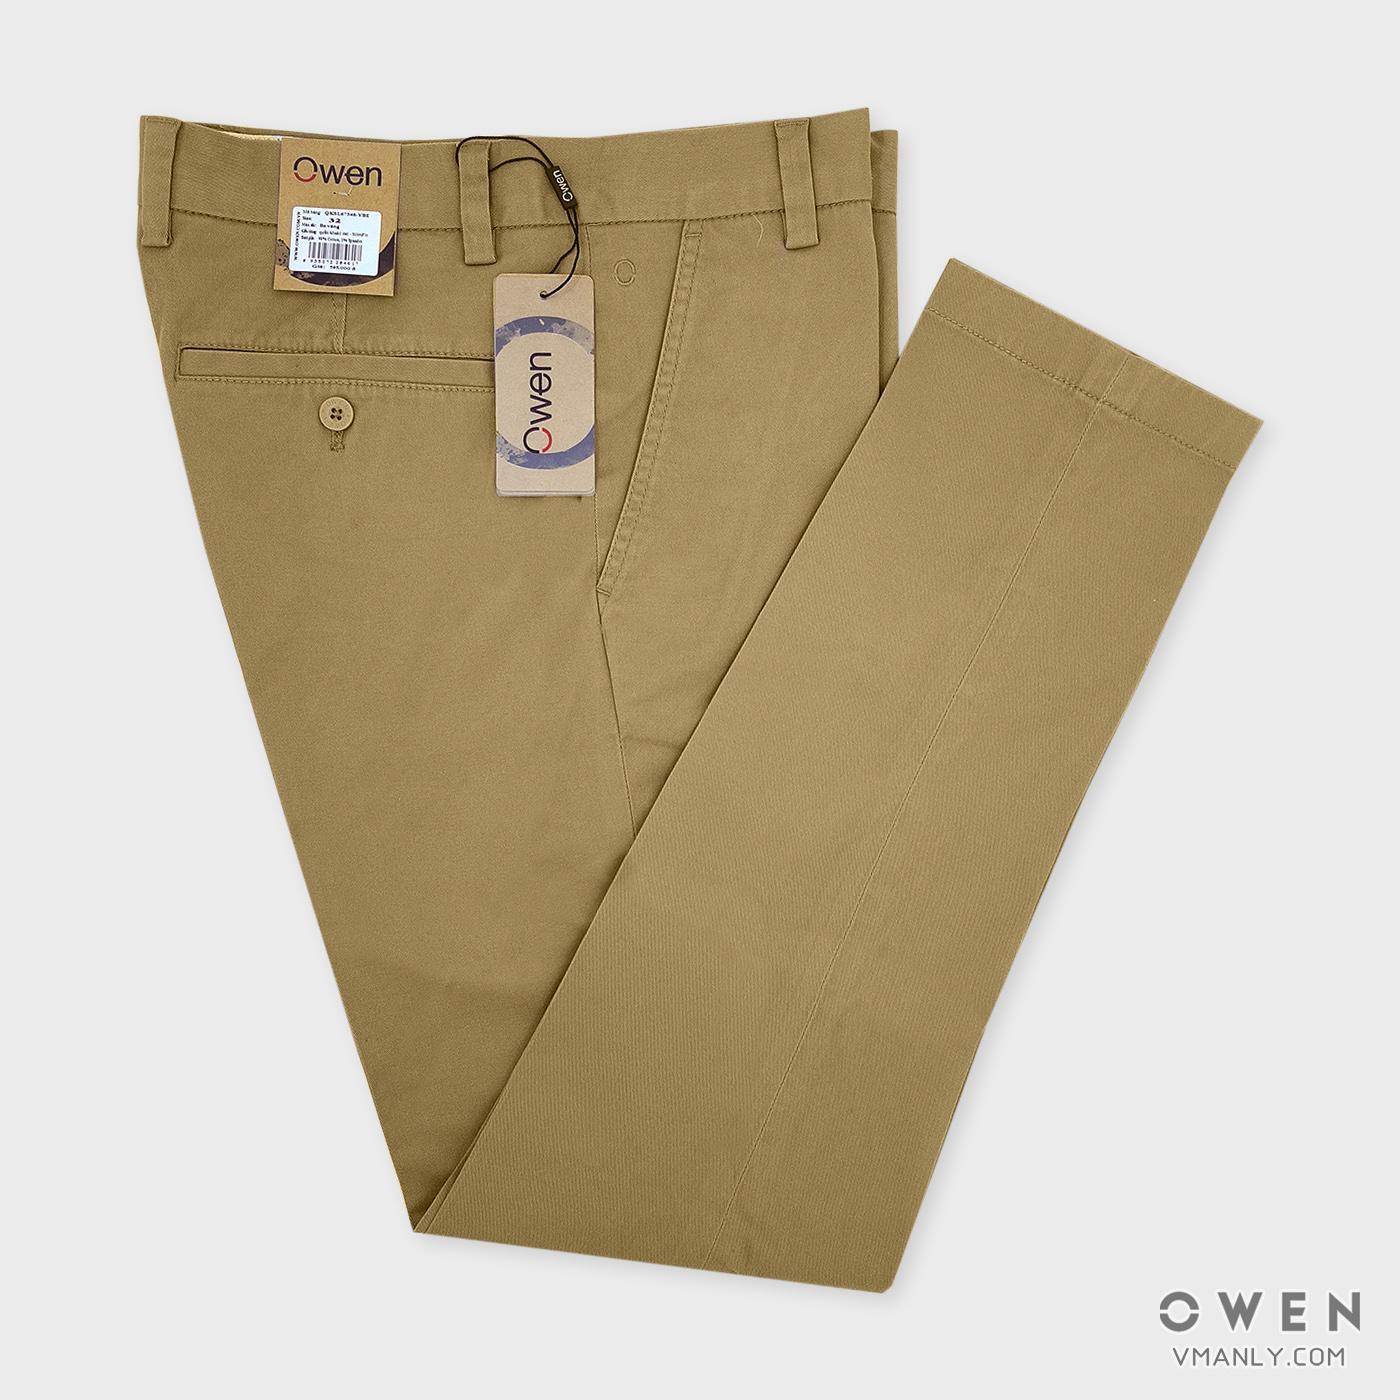 Quần kaki Owen không li slimfit màu be vàng QKSL67346